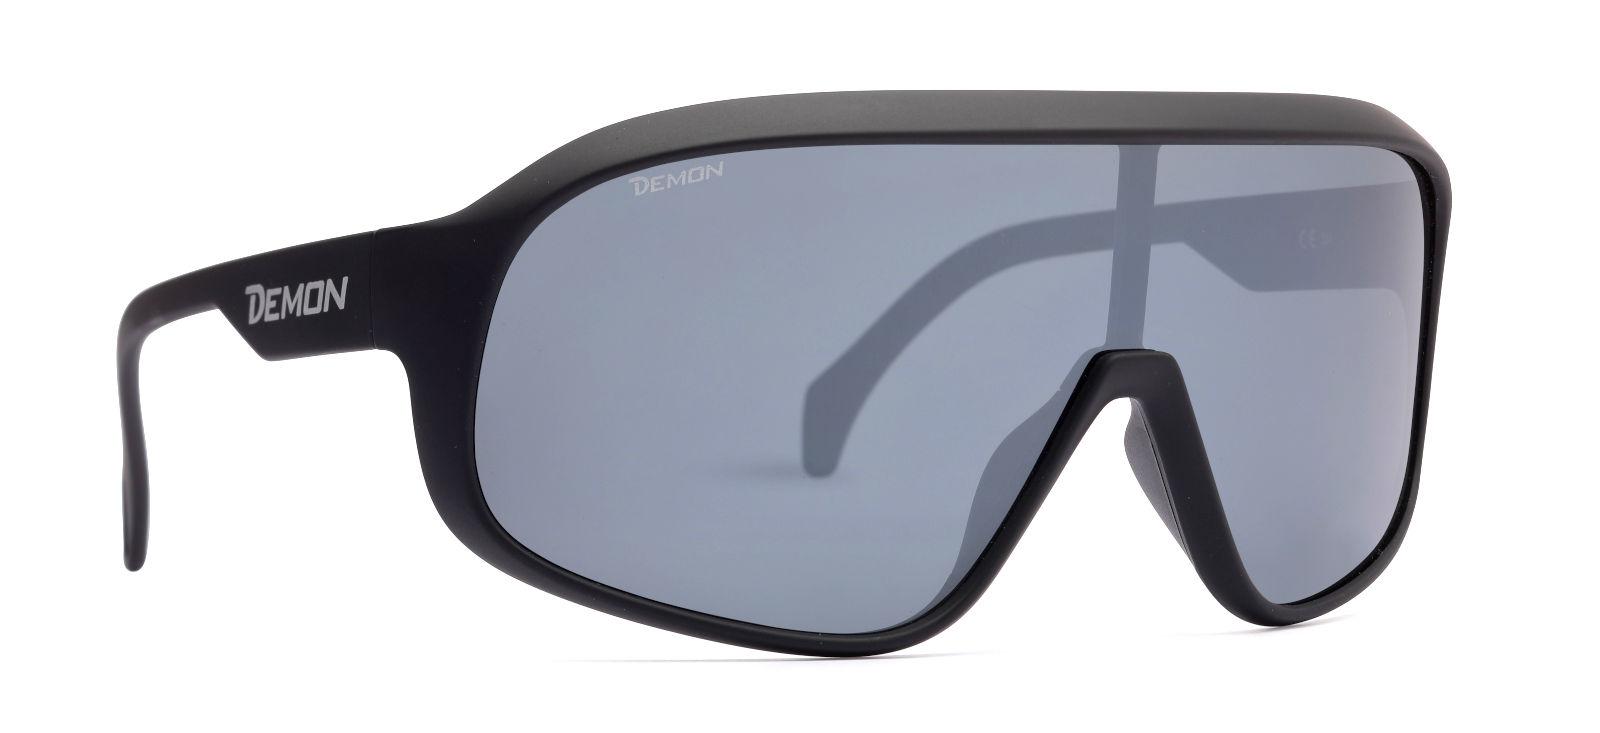 20 paio di occhiali da sole Fabris Lane